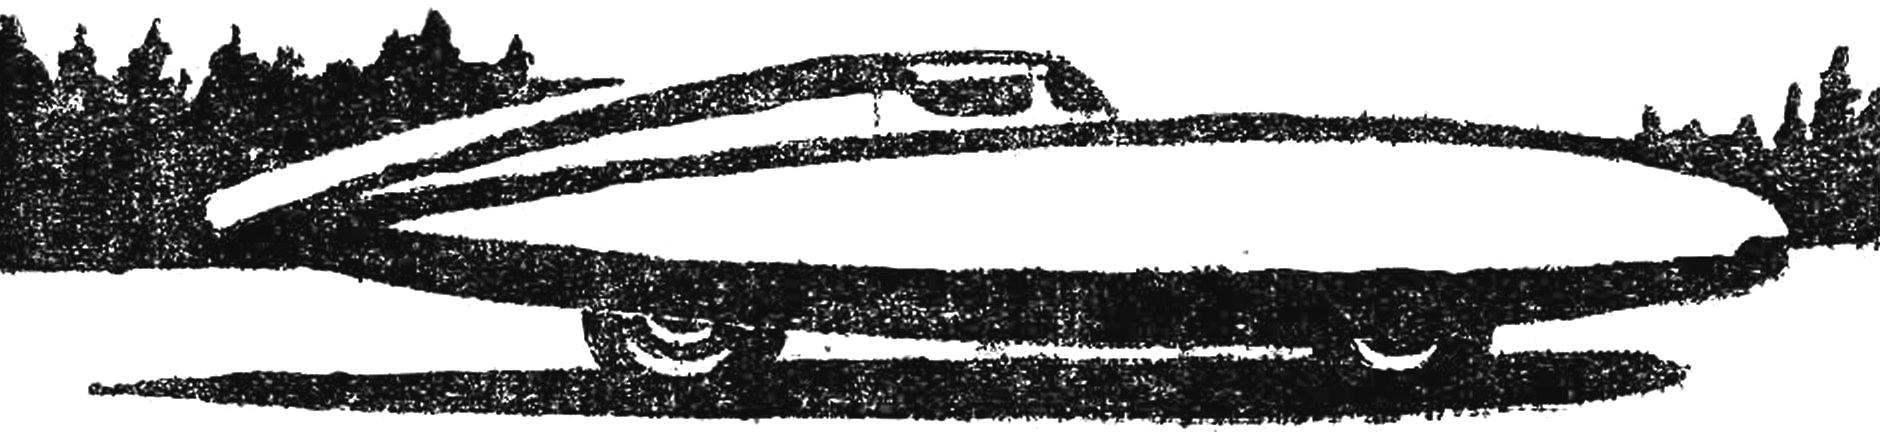 Гоночный автомобиль ГАЗ 1951 года, построенный на базе агрегатов «Победы».